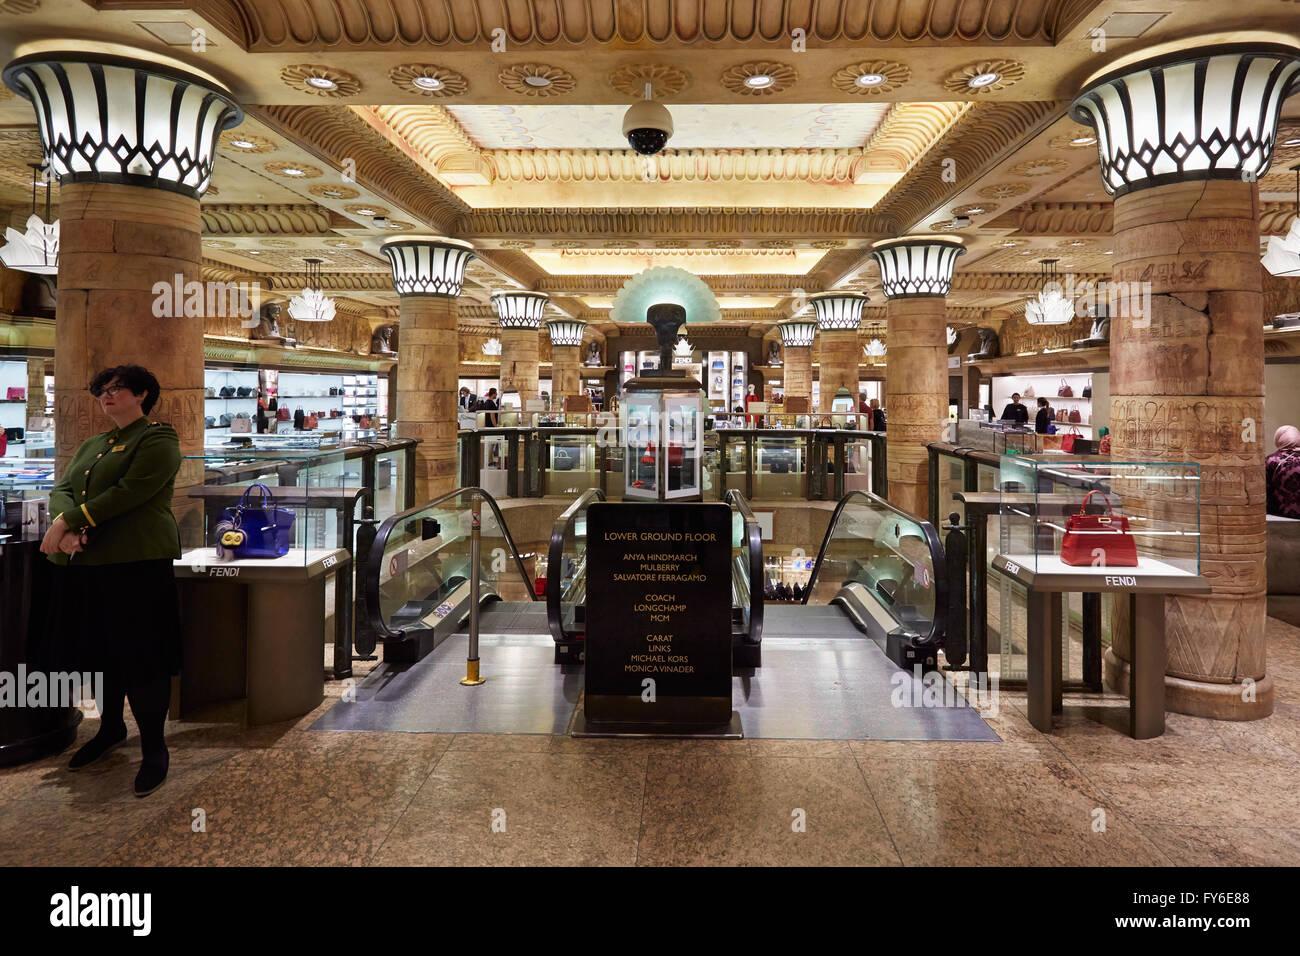 Harrods Kaufhaus Interieur in London Stockfoto, Bild: 102790472 - Alamy